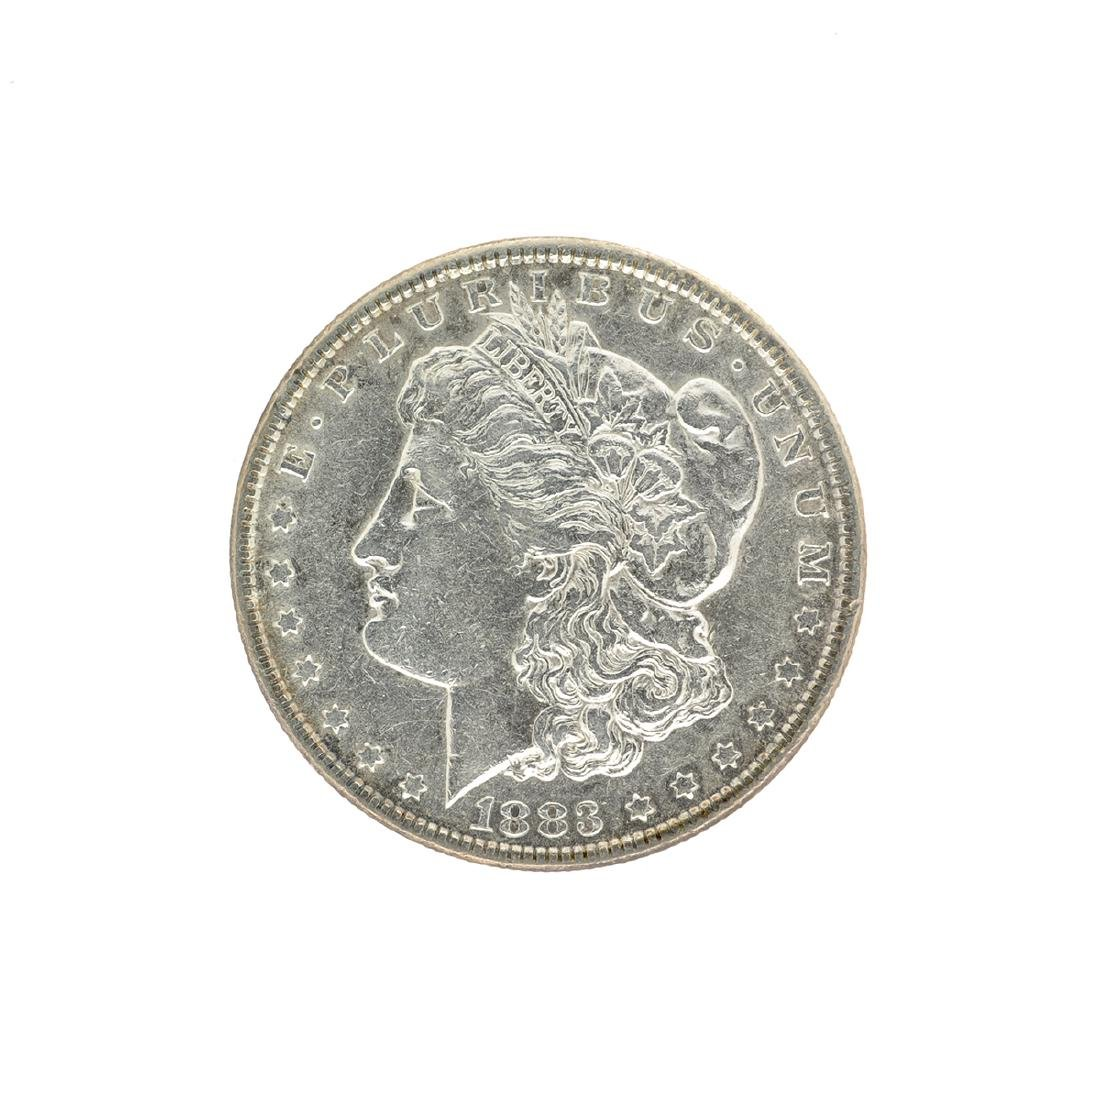 1883 Morgan Silver Dollar Coin